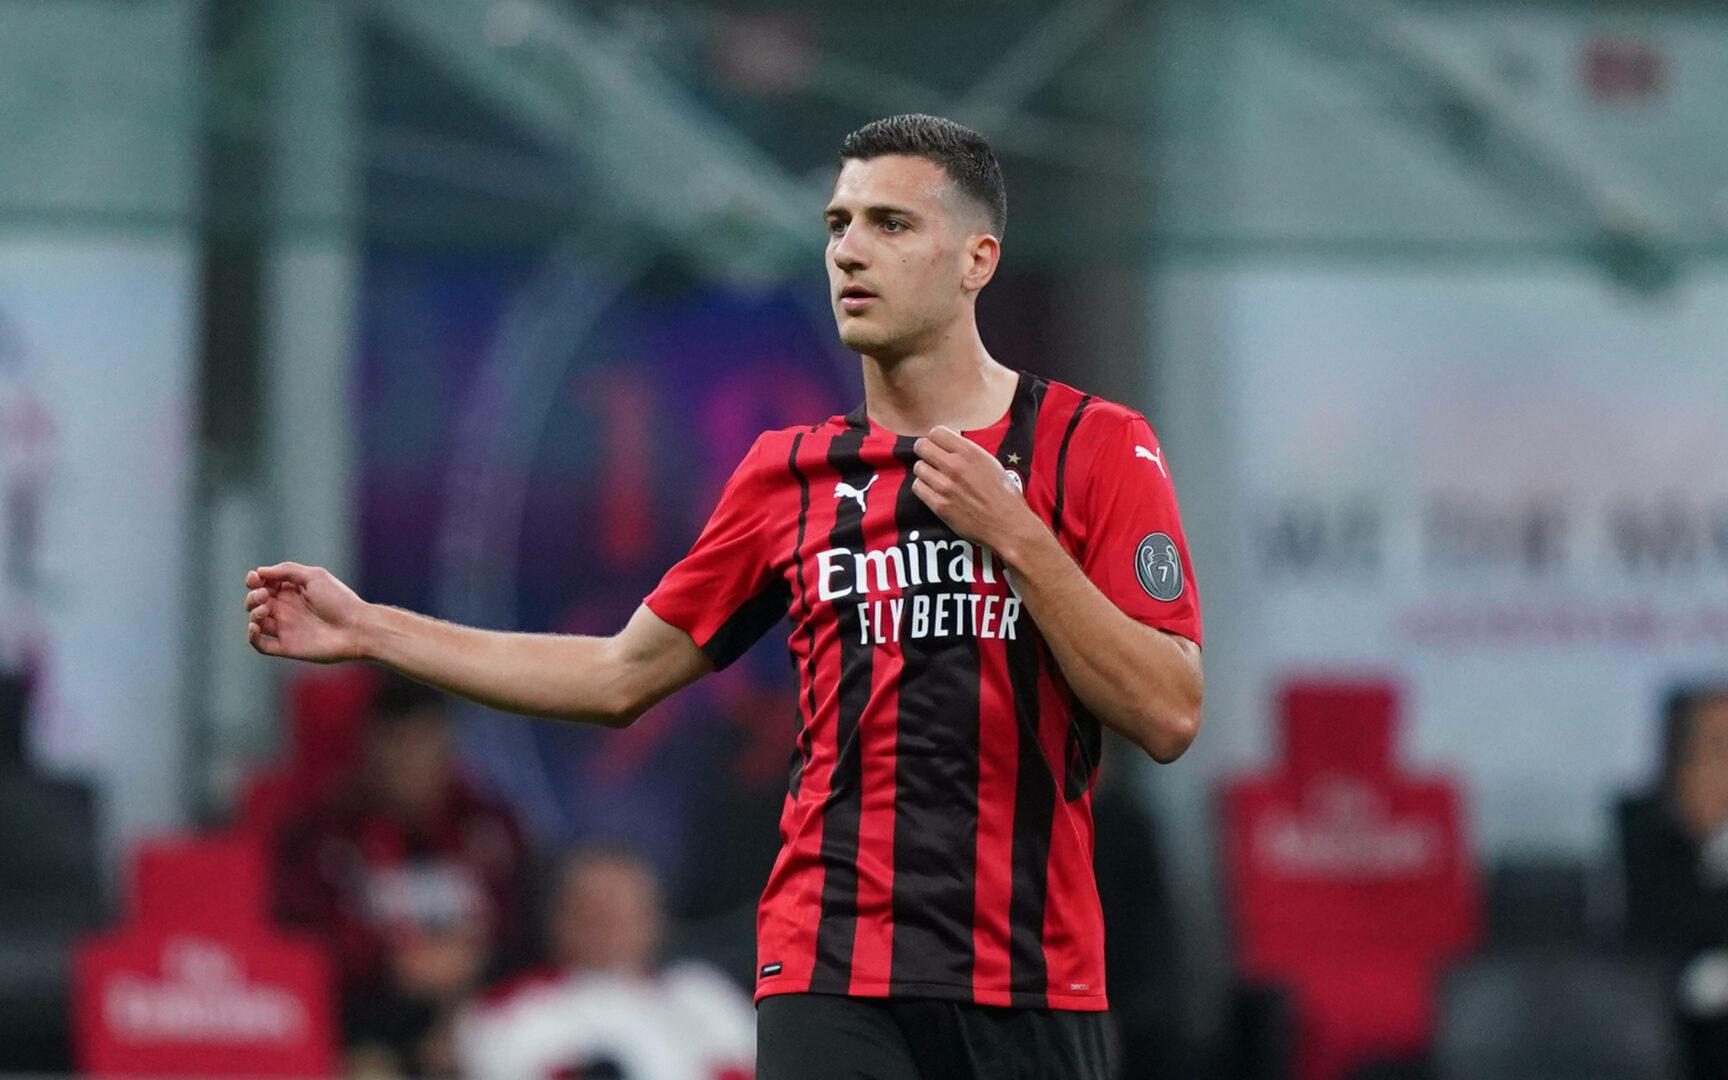 Milan offenbar mit erneutem Leih-Angebot für Dalot